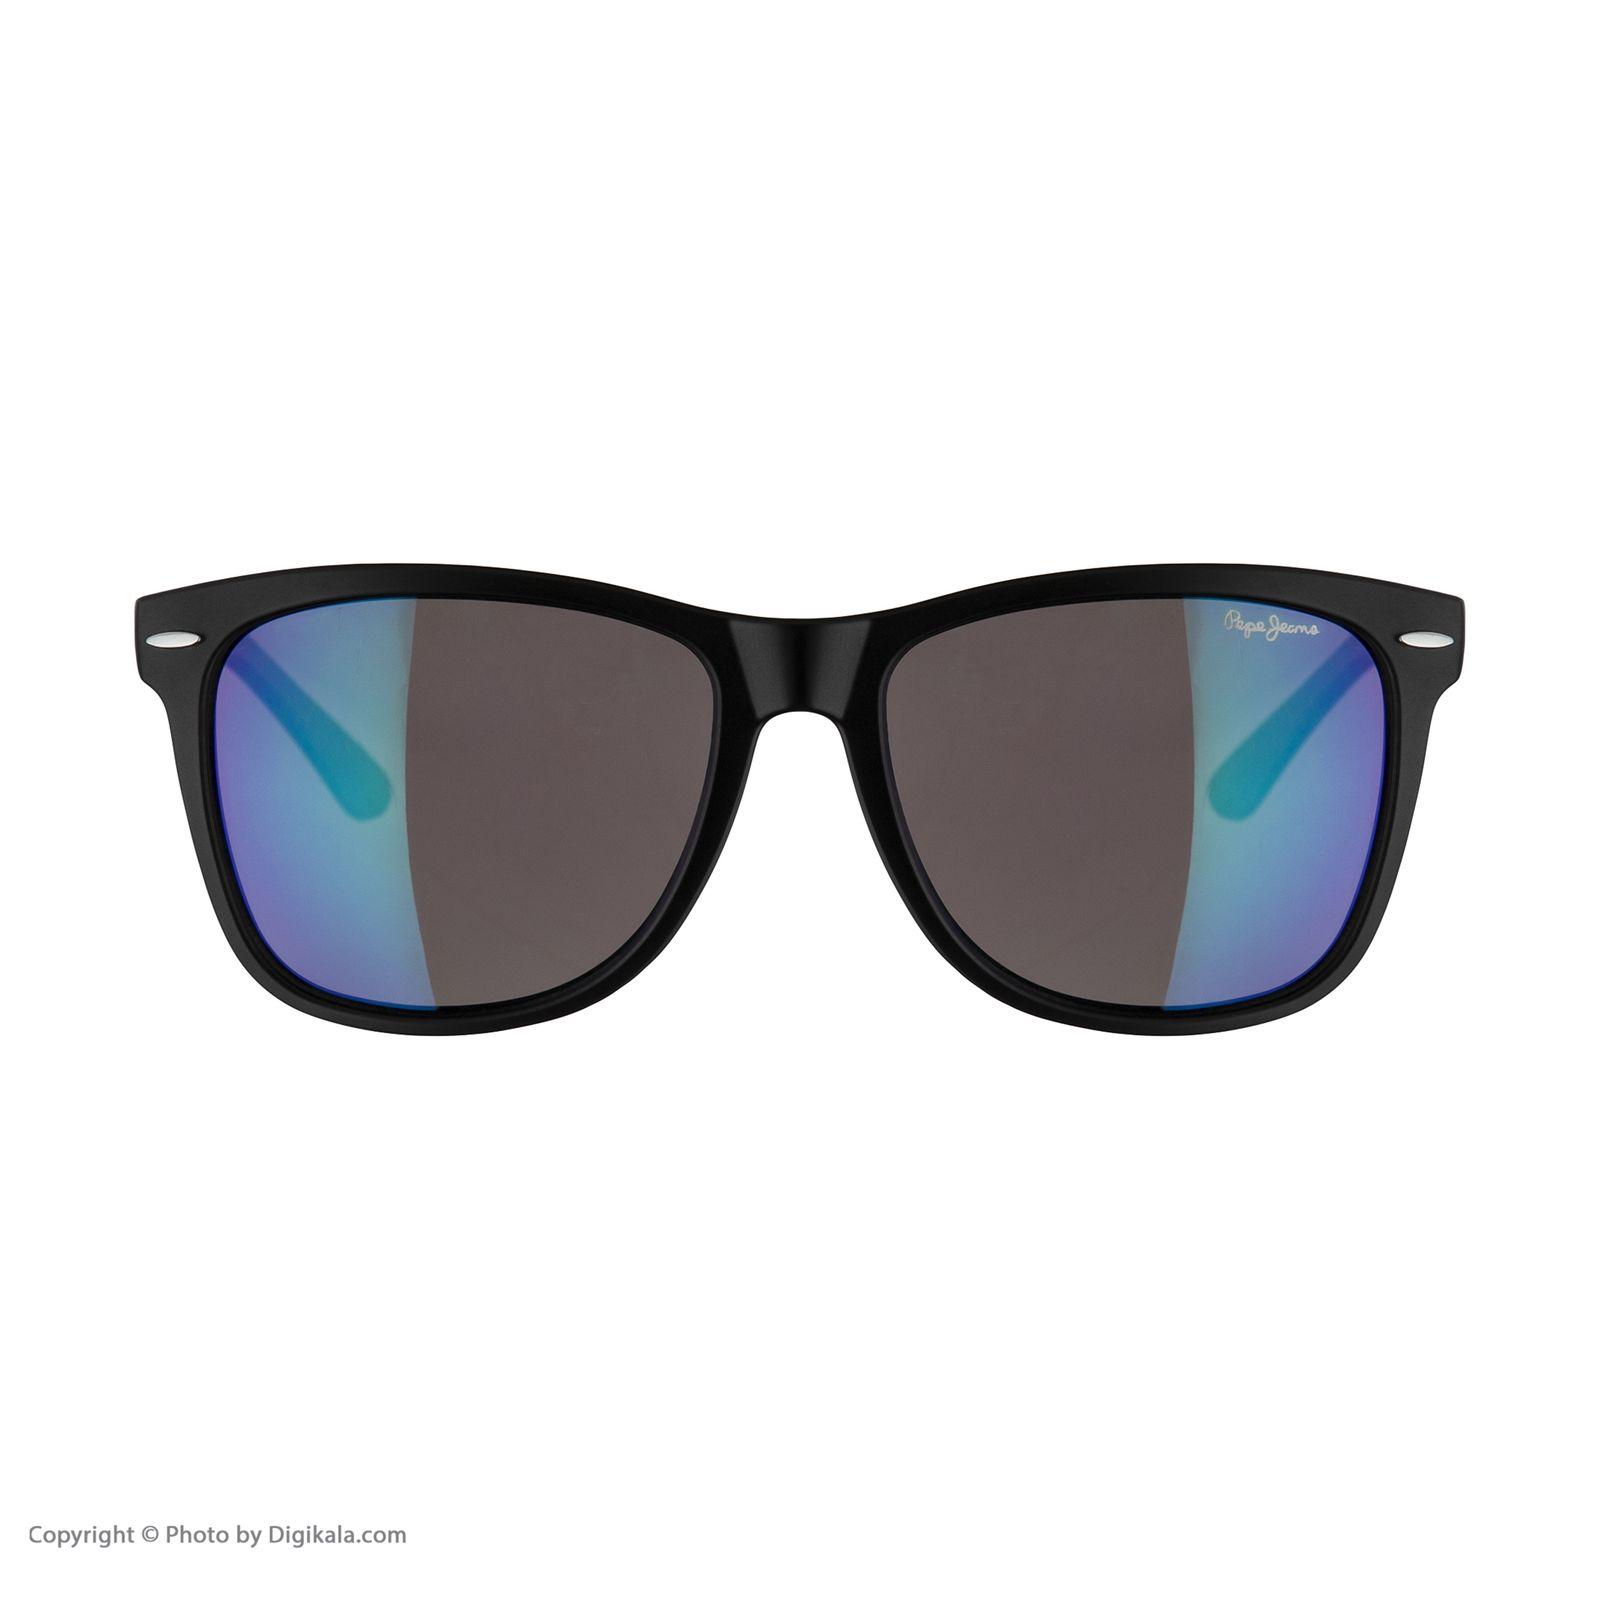 عینک آفتابی مردانه پپه جینز مدل PJ 7049 C13 -  - 1